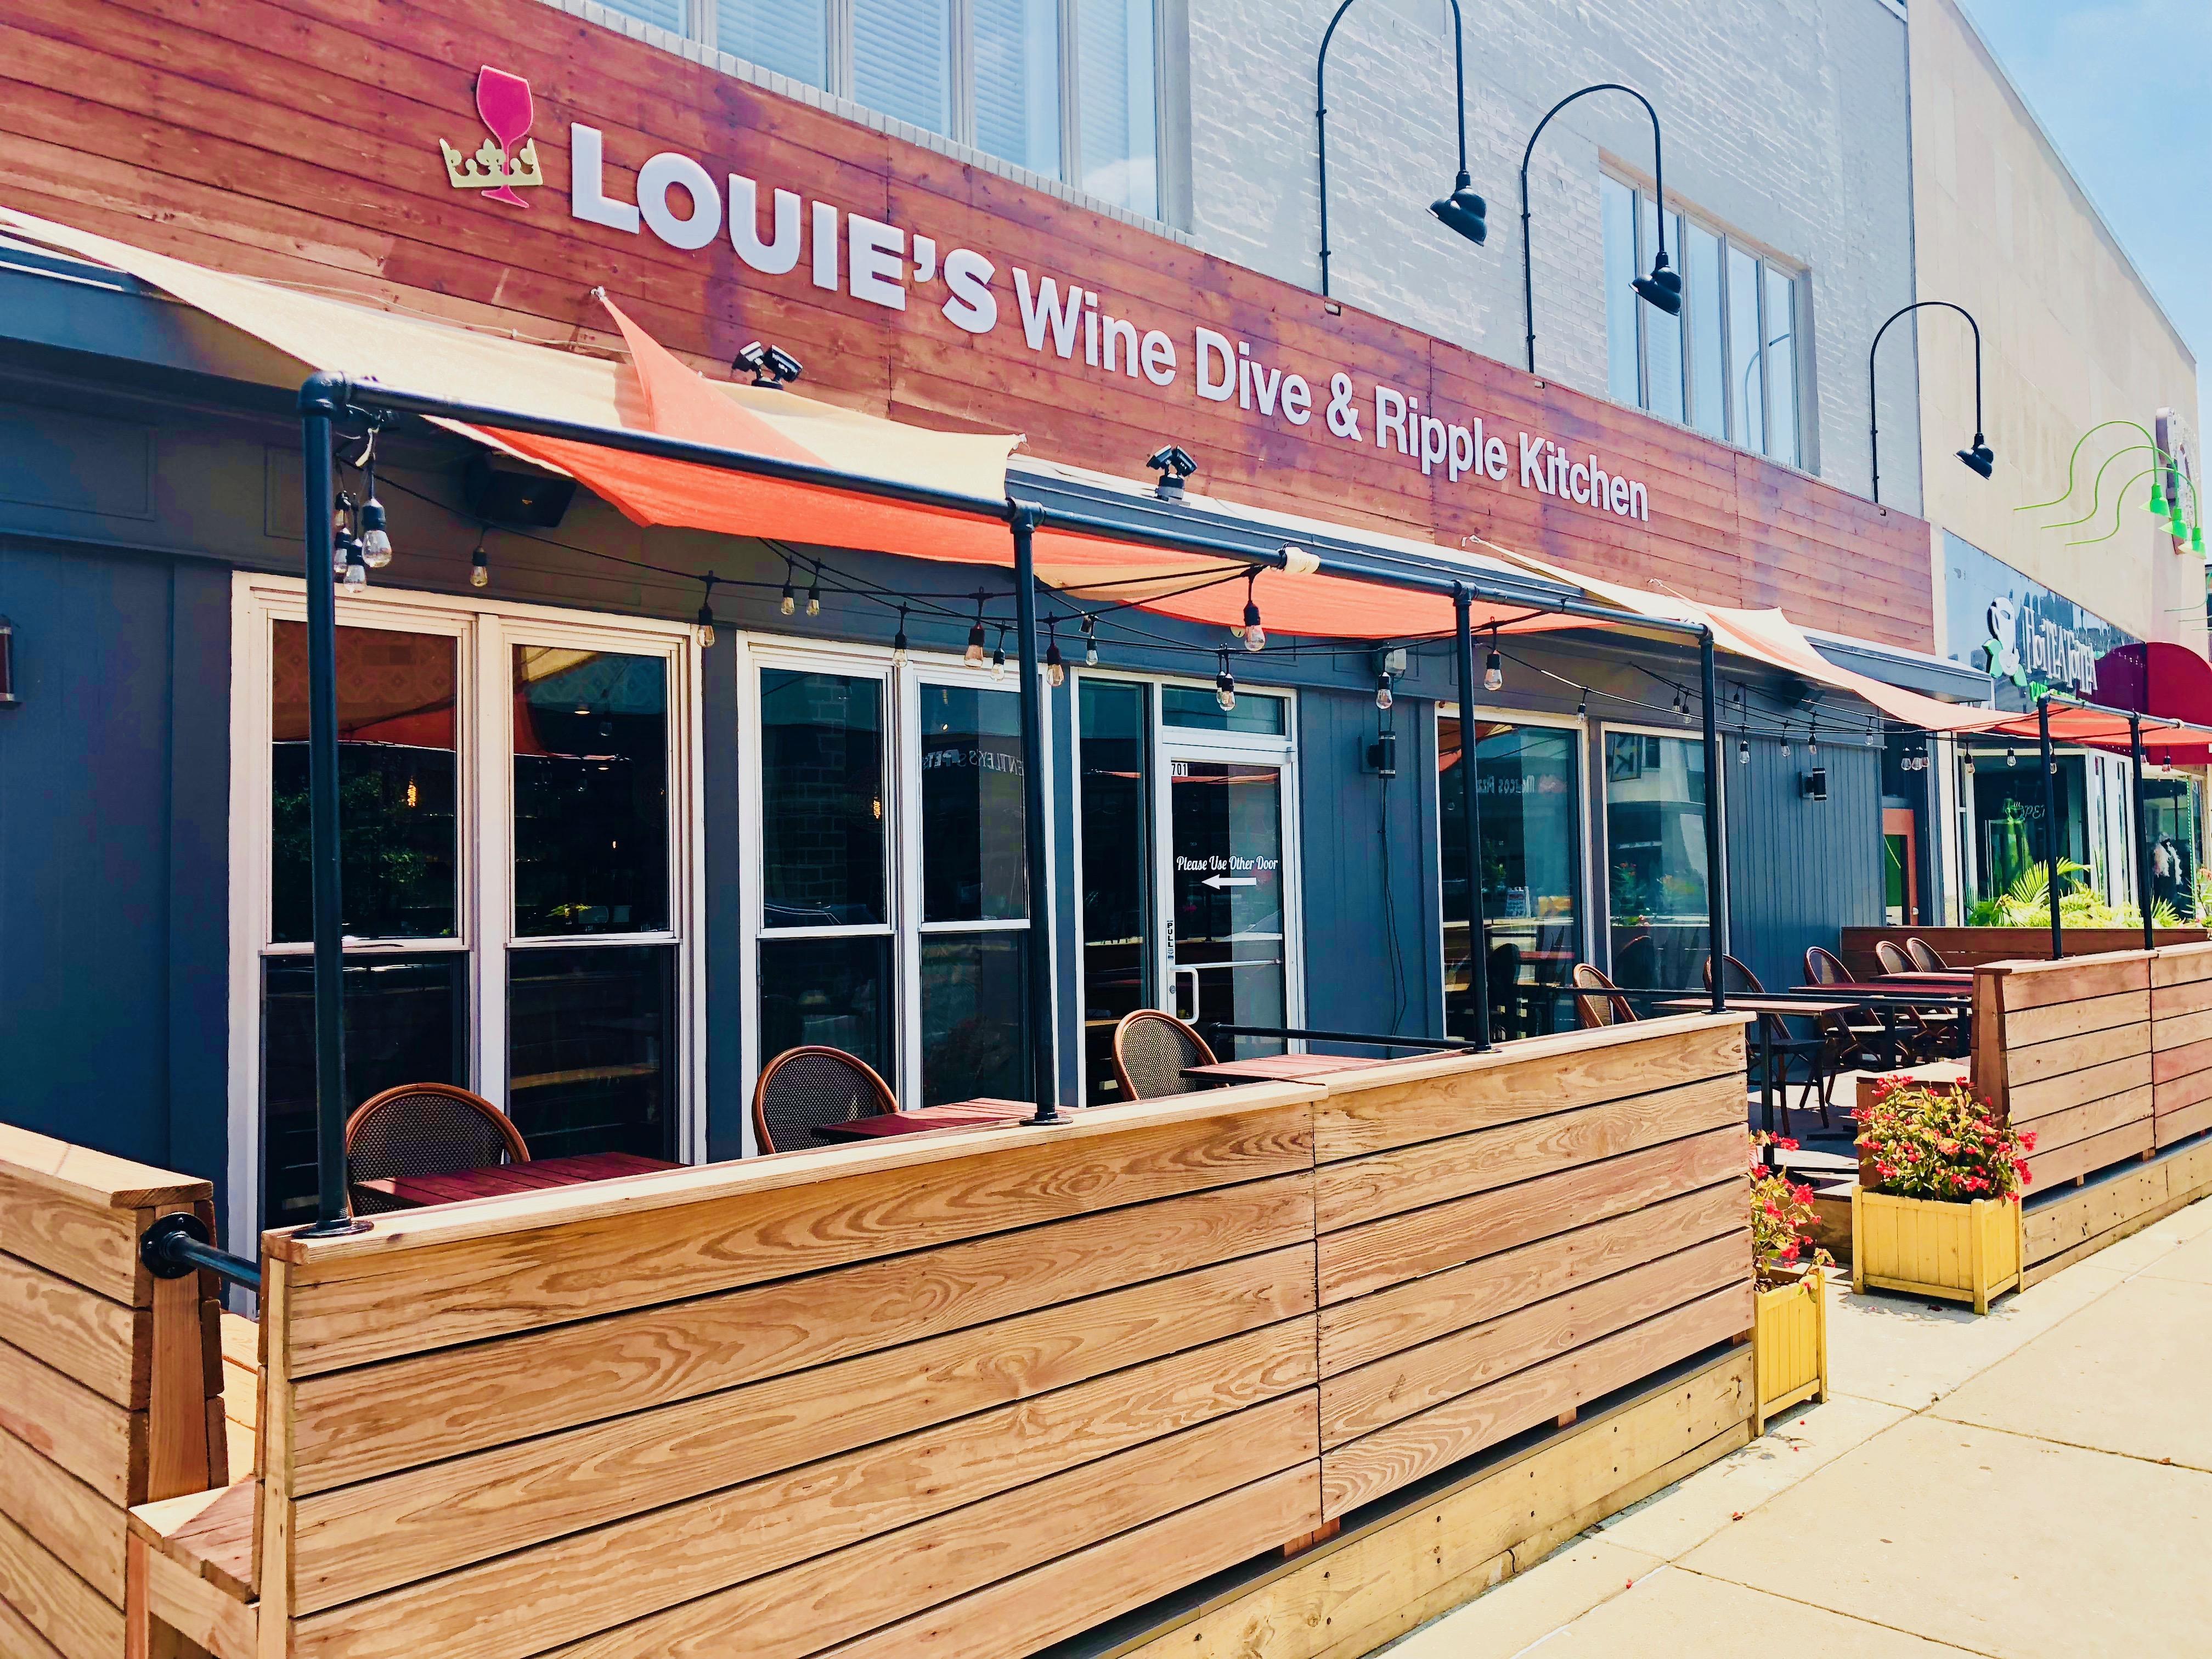 Louie's Wine Dive & Ripple Kitchen